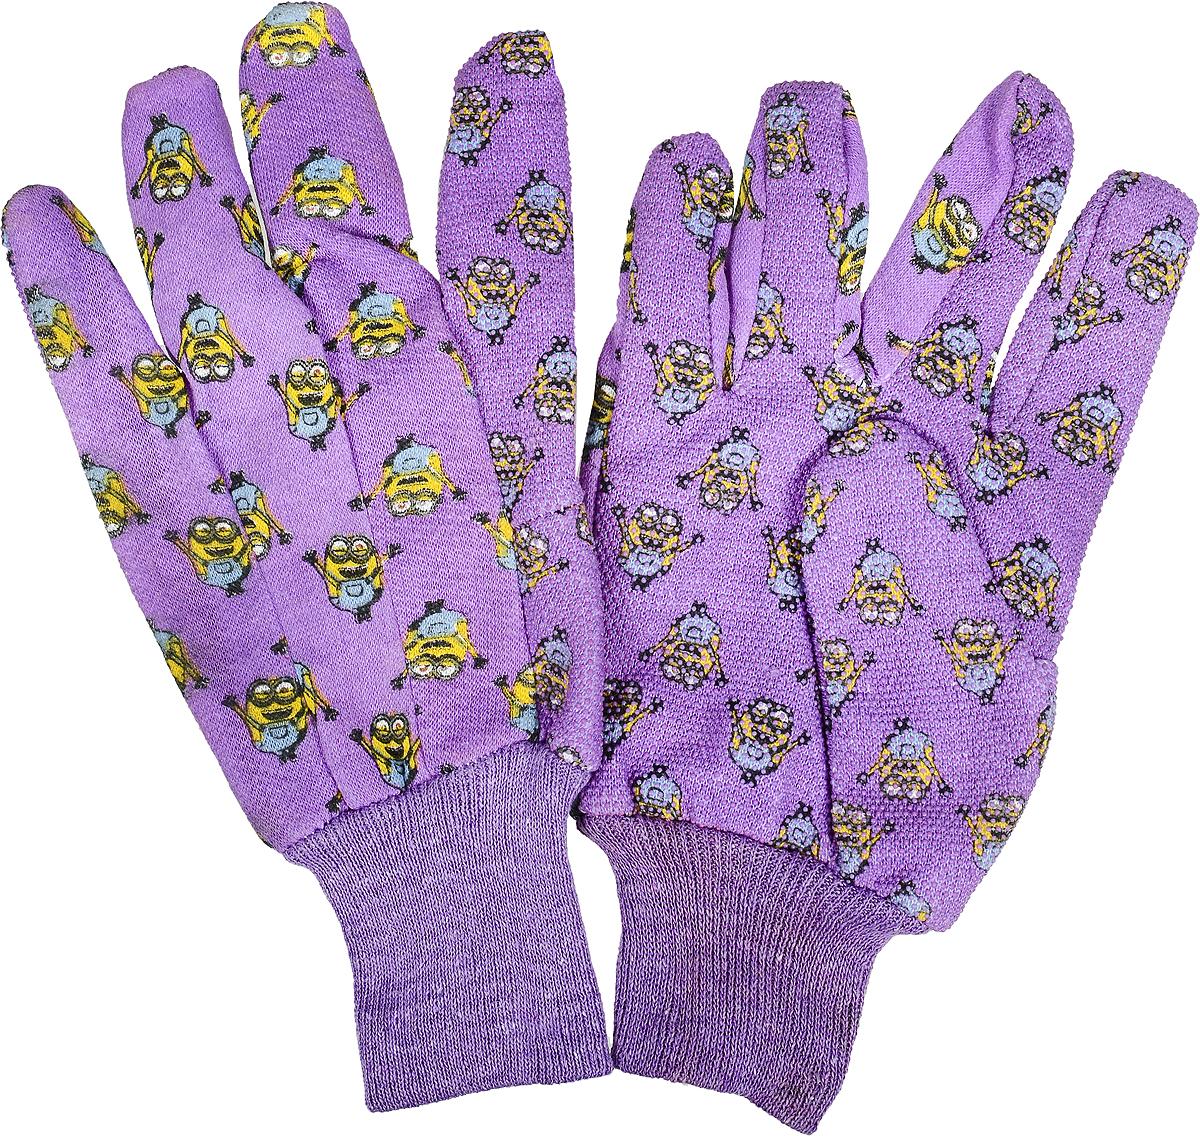 Перчатки садовые Garden Show Миньоны, трикотажные, цвет: сиреневый. Размер M (9)RC-100BPCПерчатки садовые Garden Show Миньоны выполнены из хлопка и полиэстера. Рабочая поверхность перчаток отделана поливинилхлоридом для надежного хвата. Эластичные манжеты надежно фиксируют перчатки на руке. Такие перчатки защитят руки от влаги, грязи и царапин при выполнении различных работ. Изделия дополнены красочным изображением миньонов.